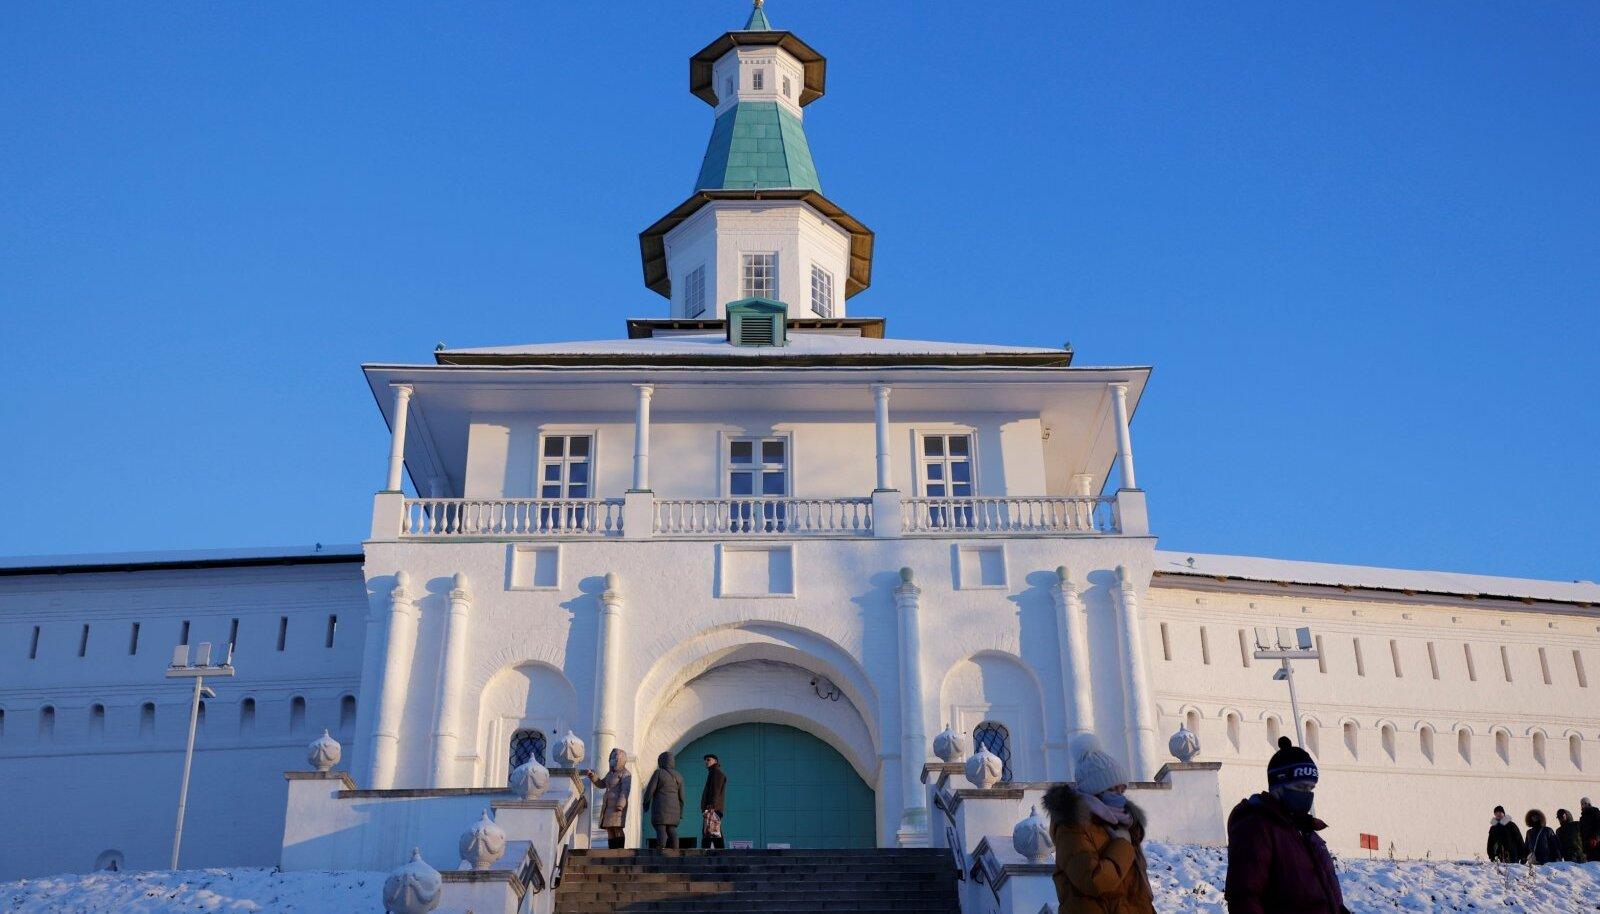 Uus-Jeruusalemma klooster Moskvas 5. detsembril 2020. aastal